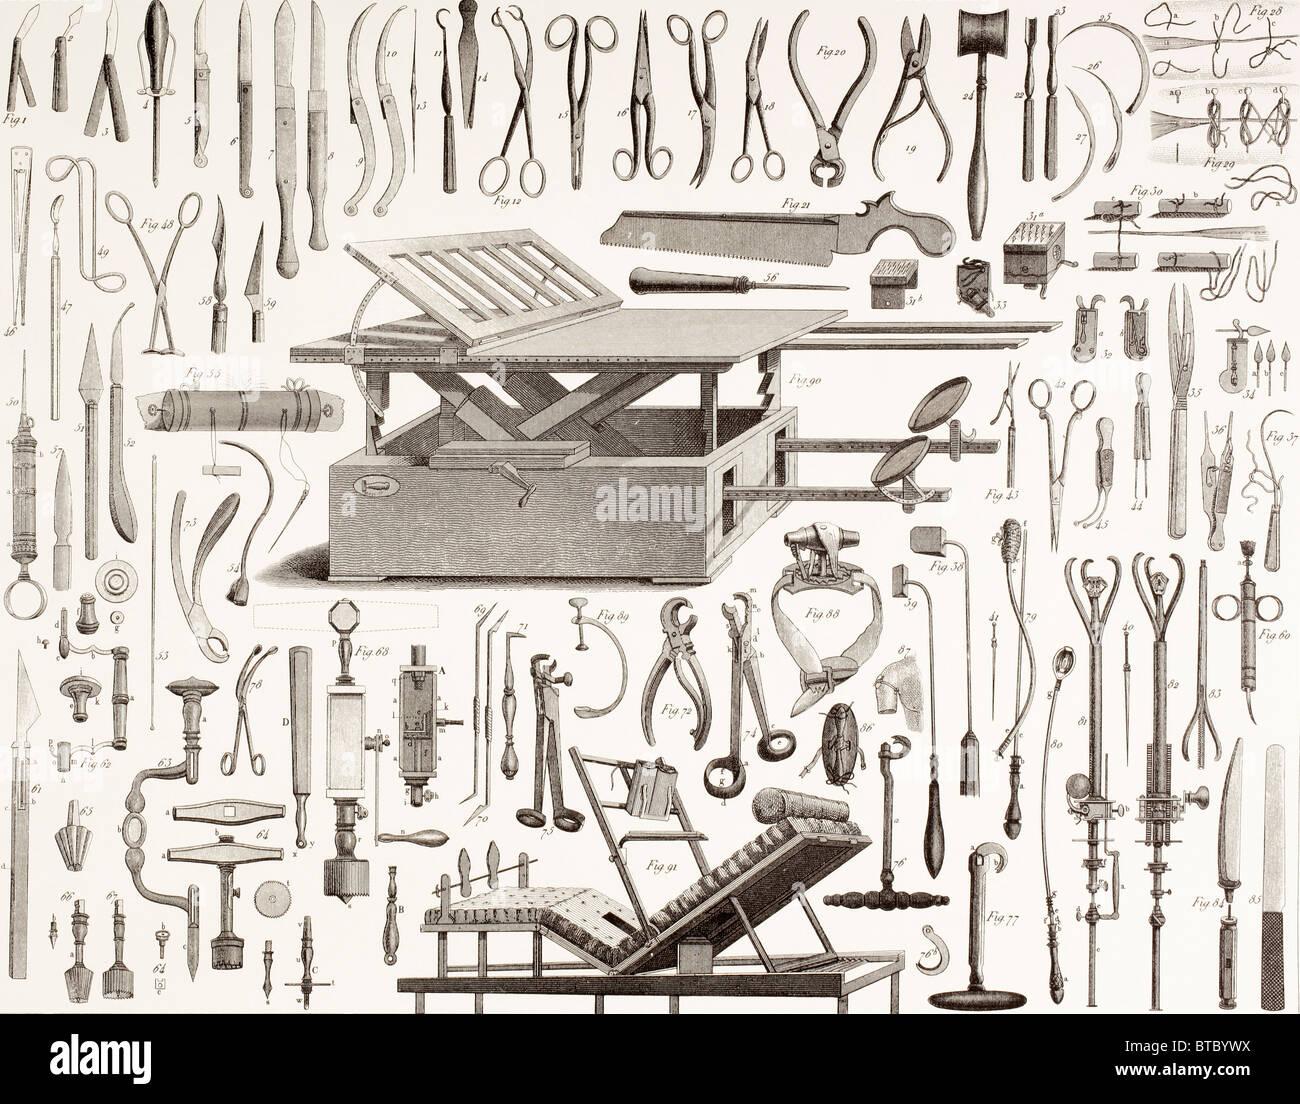 Siglo xix los instrumentos quirúrgicos. Imagen De Stock